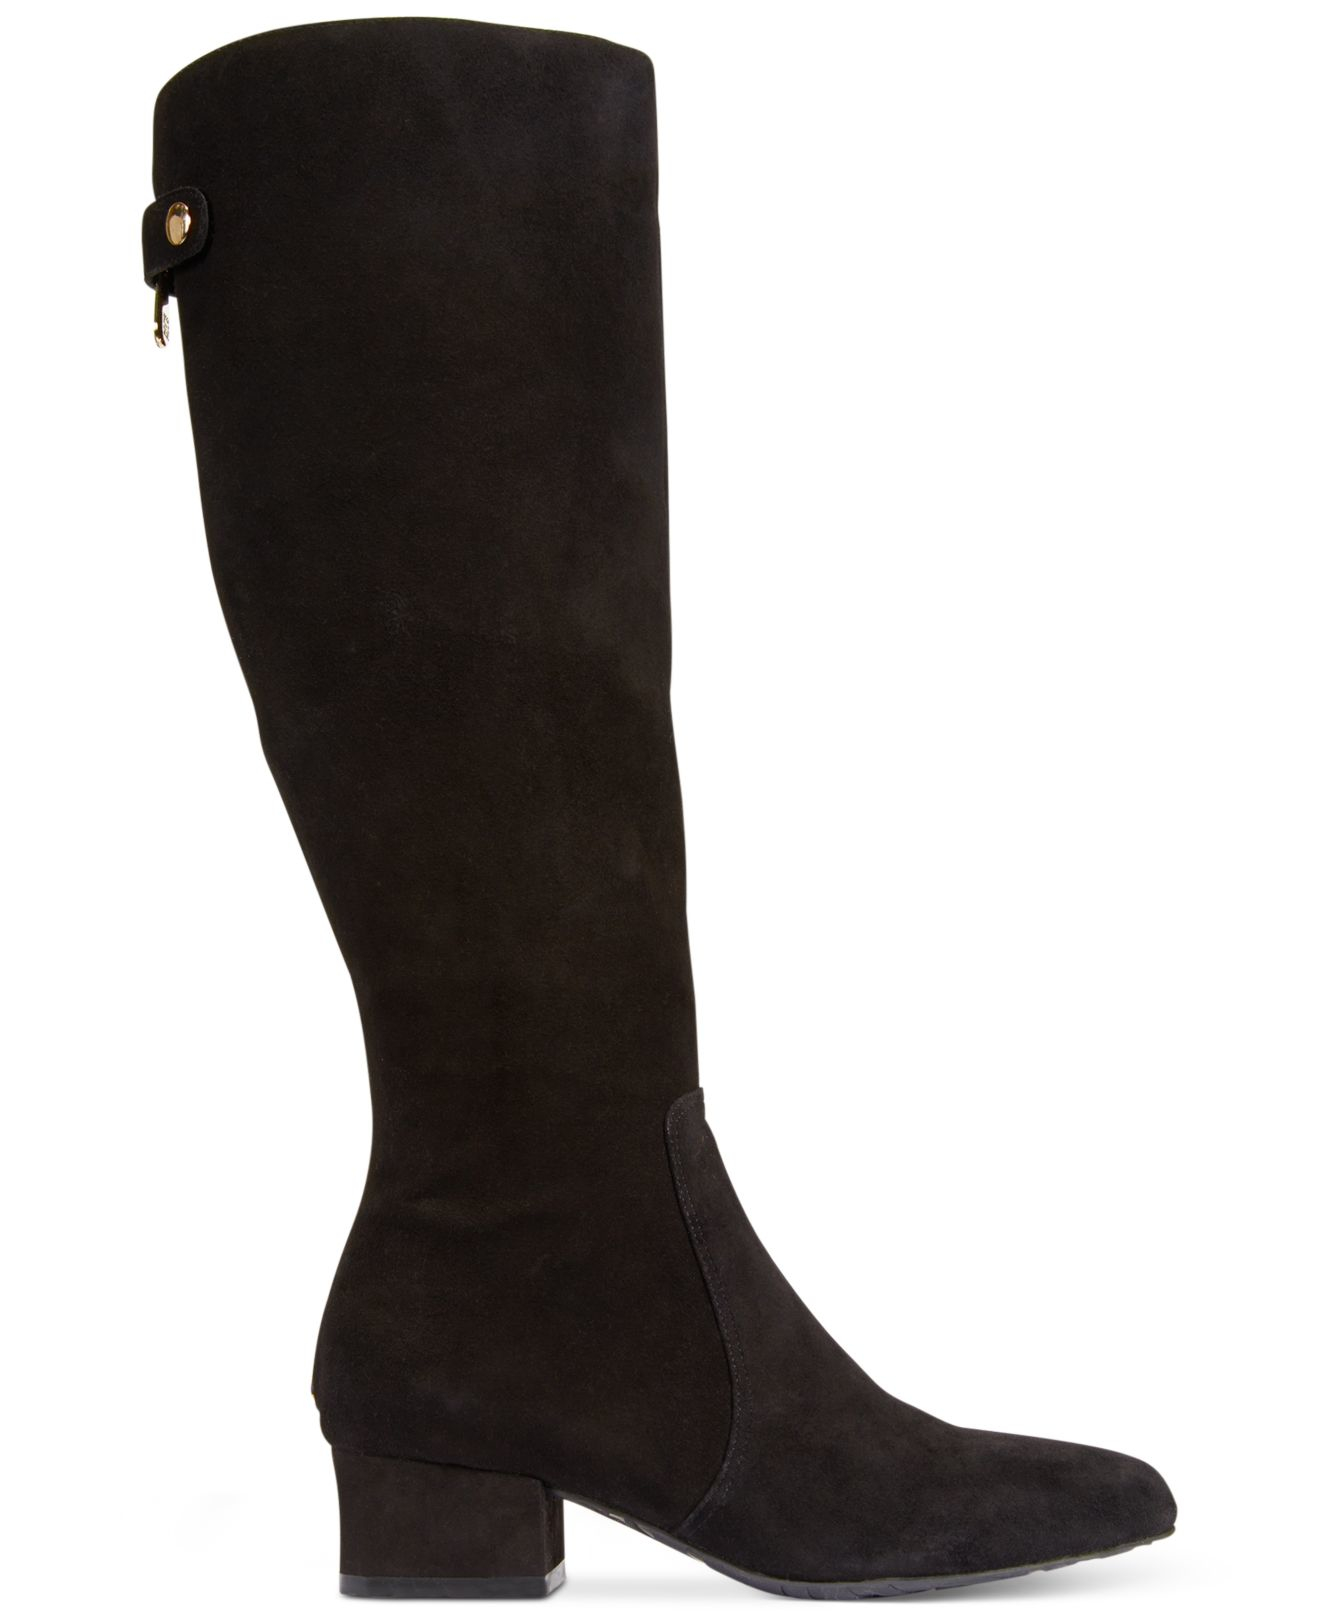 Anne Klein Black Suede Shoes